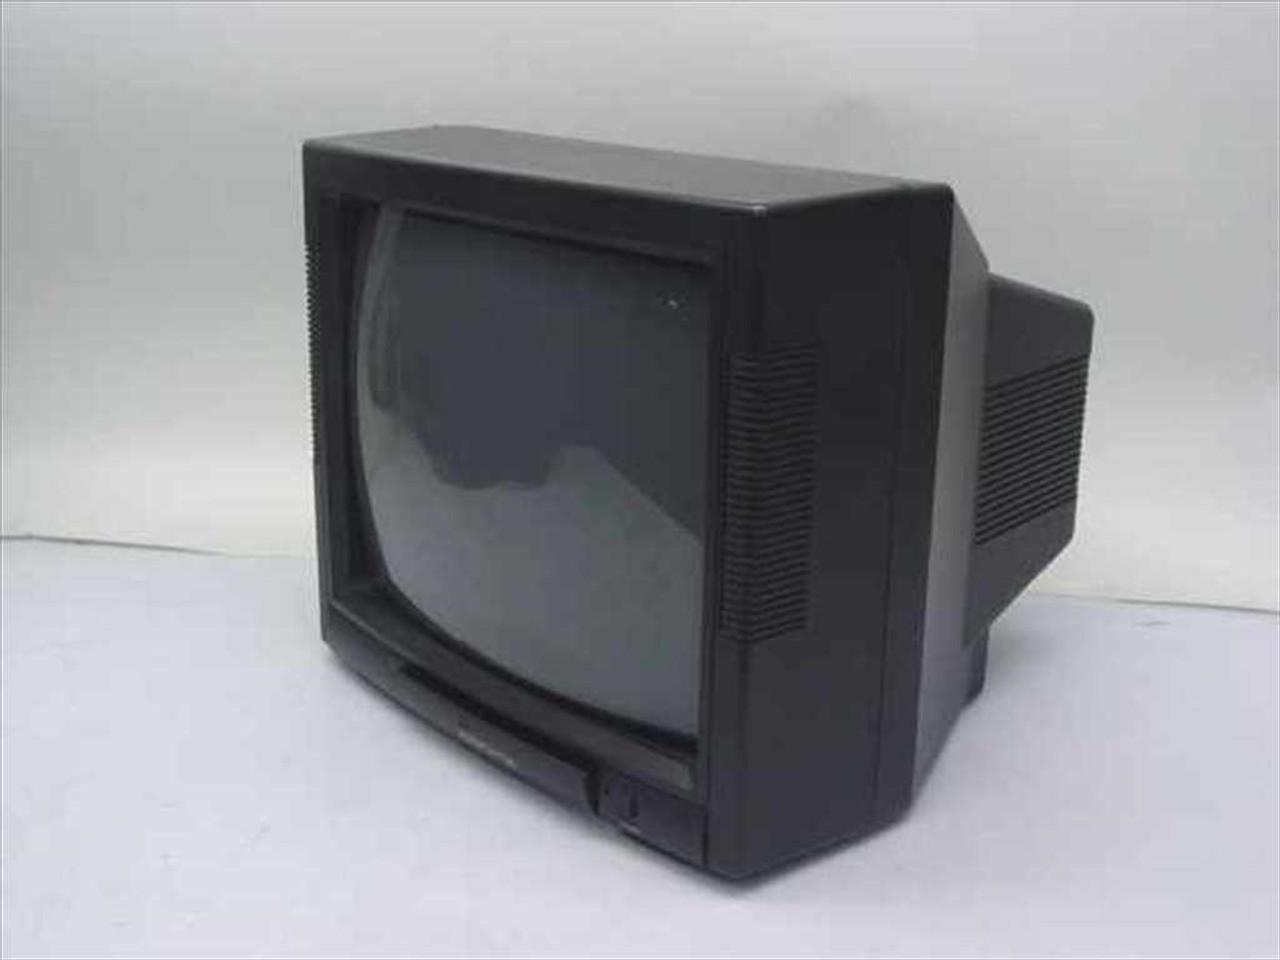 medium resolution of audiovox avt 1475 13 color tv monitor dc powered